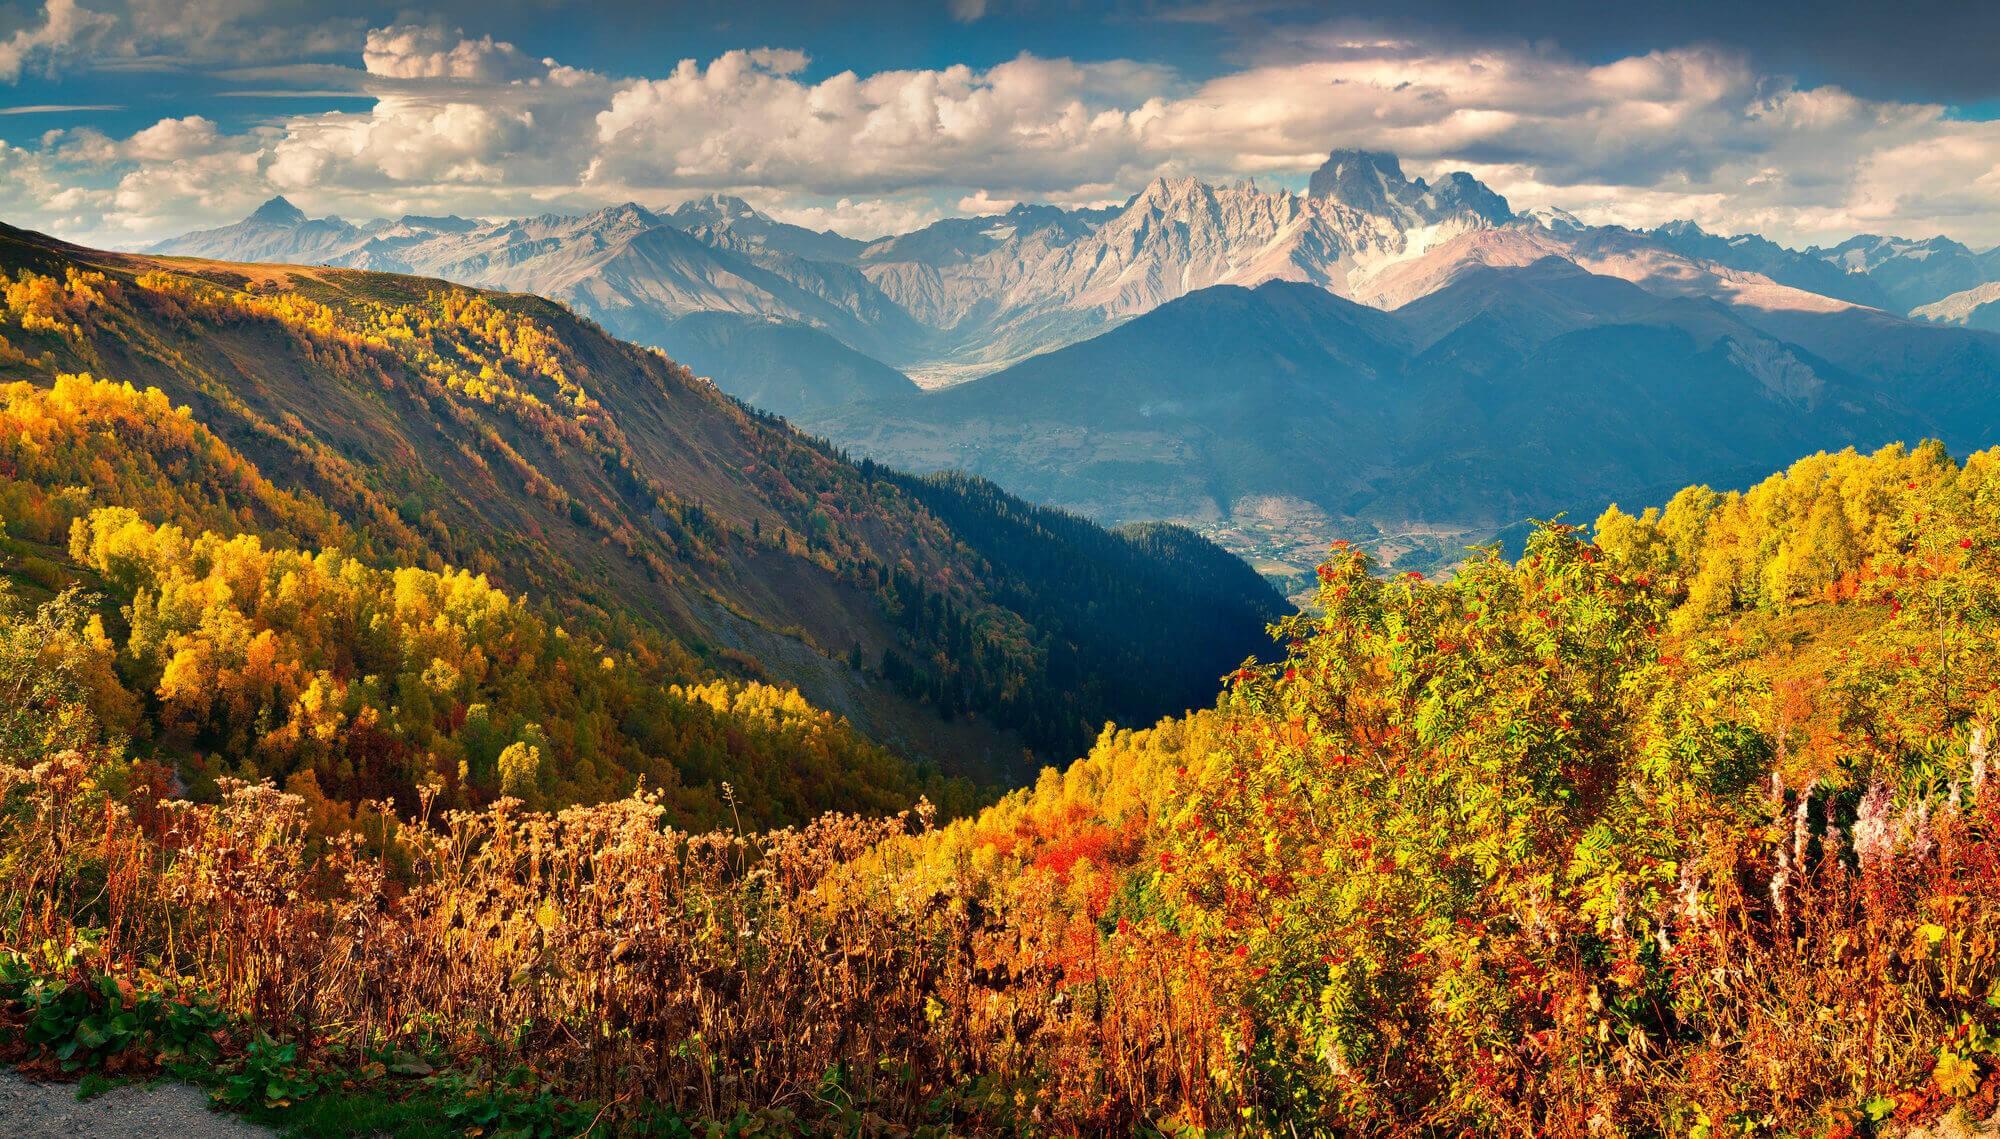 gruzja-po-sezonie-8-dni-wycieczka-jesien